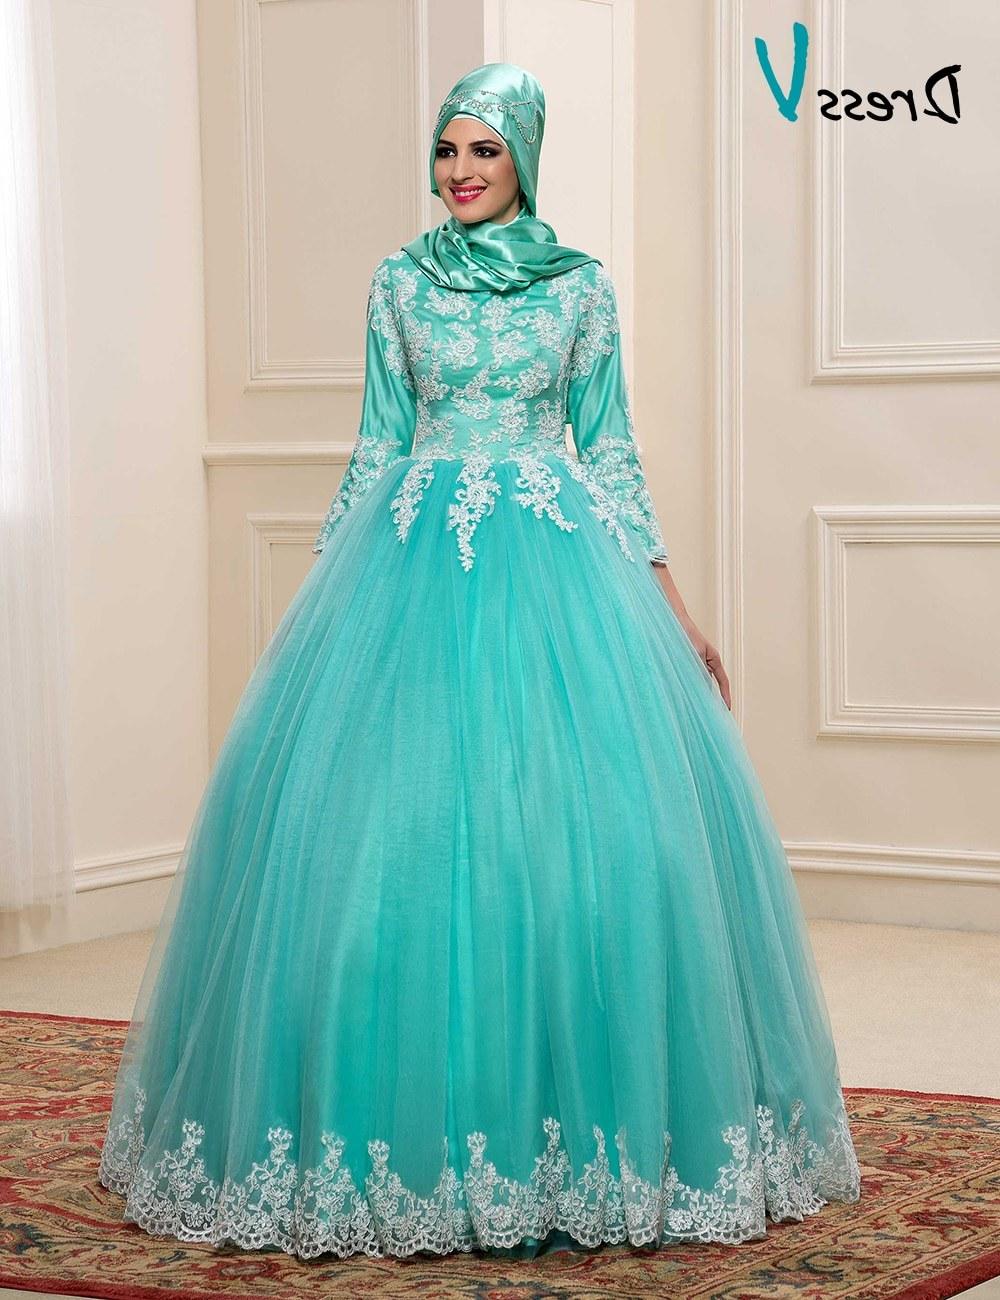 Design Baju Pengantin Muslim Terbaru Gdd0 Bride Dresses Colors – Fashion Dresses